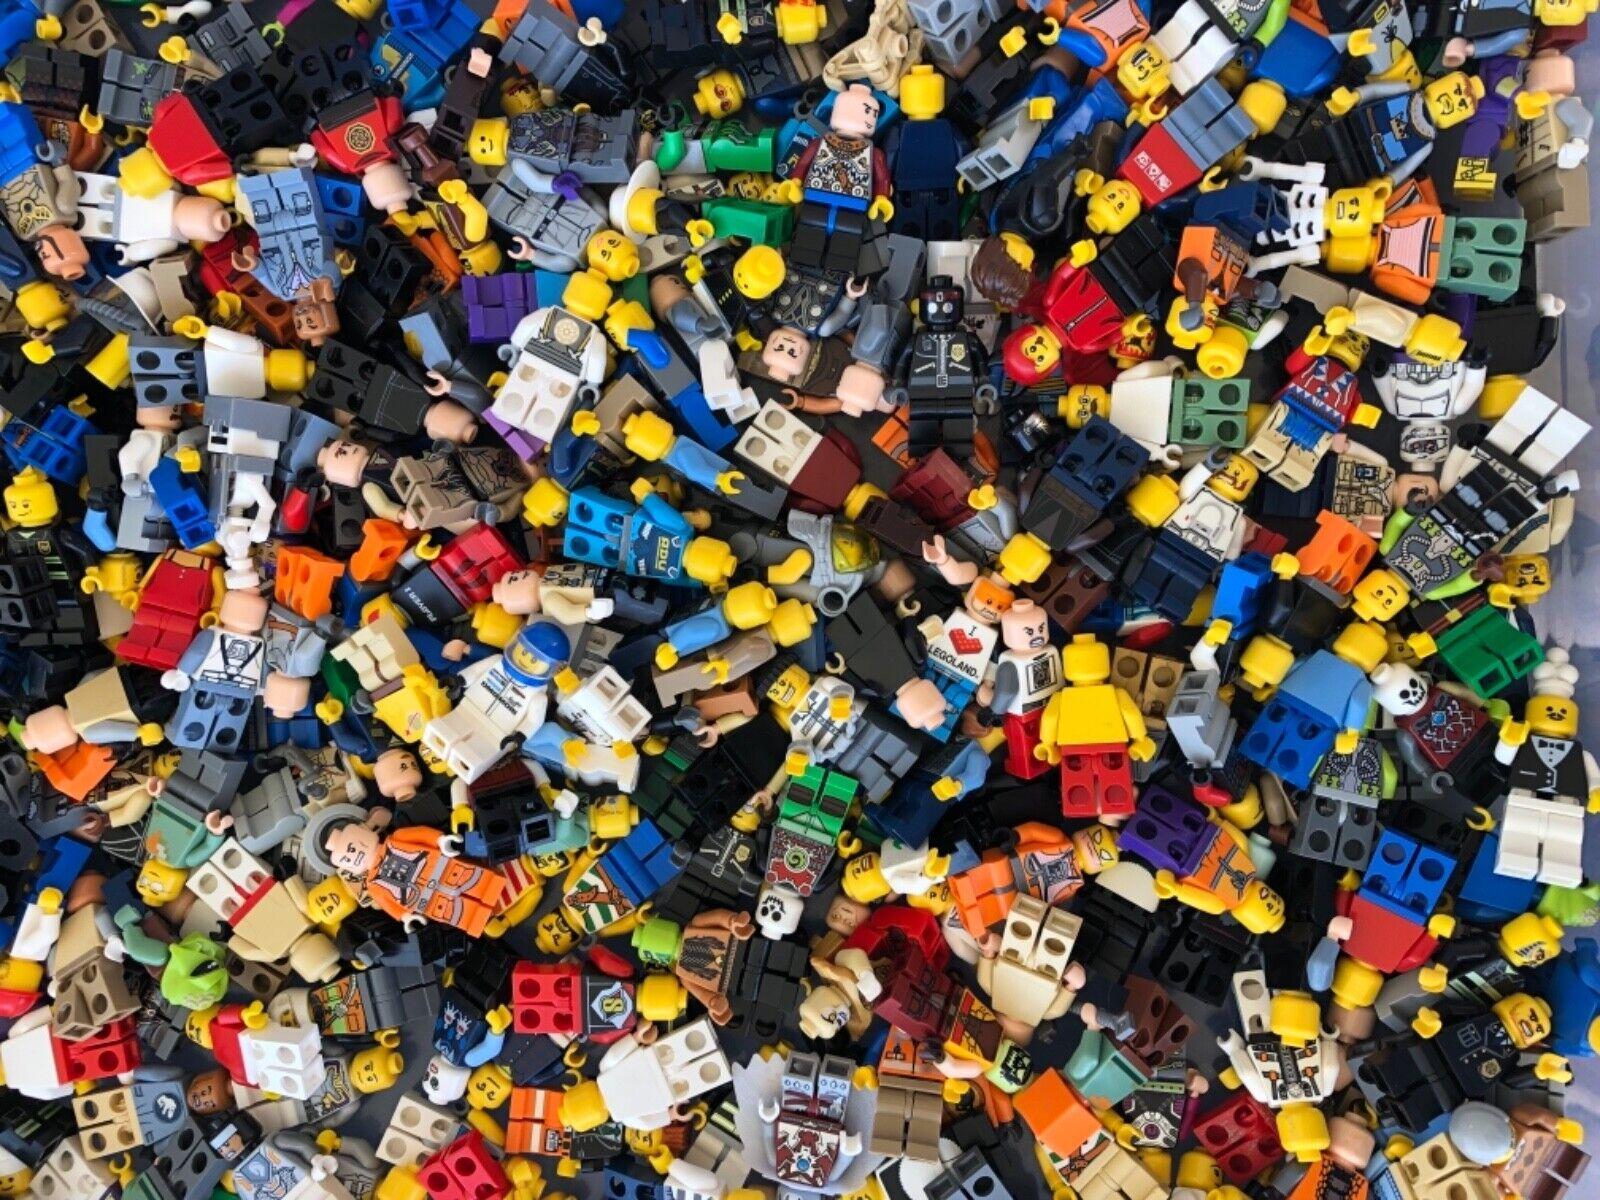 Huge lego figurine lot  de 50 Minifigures massive Lot  nouvelle exclusivité haut de gamme